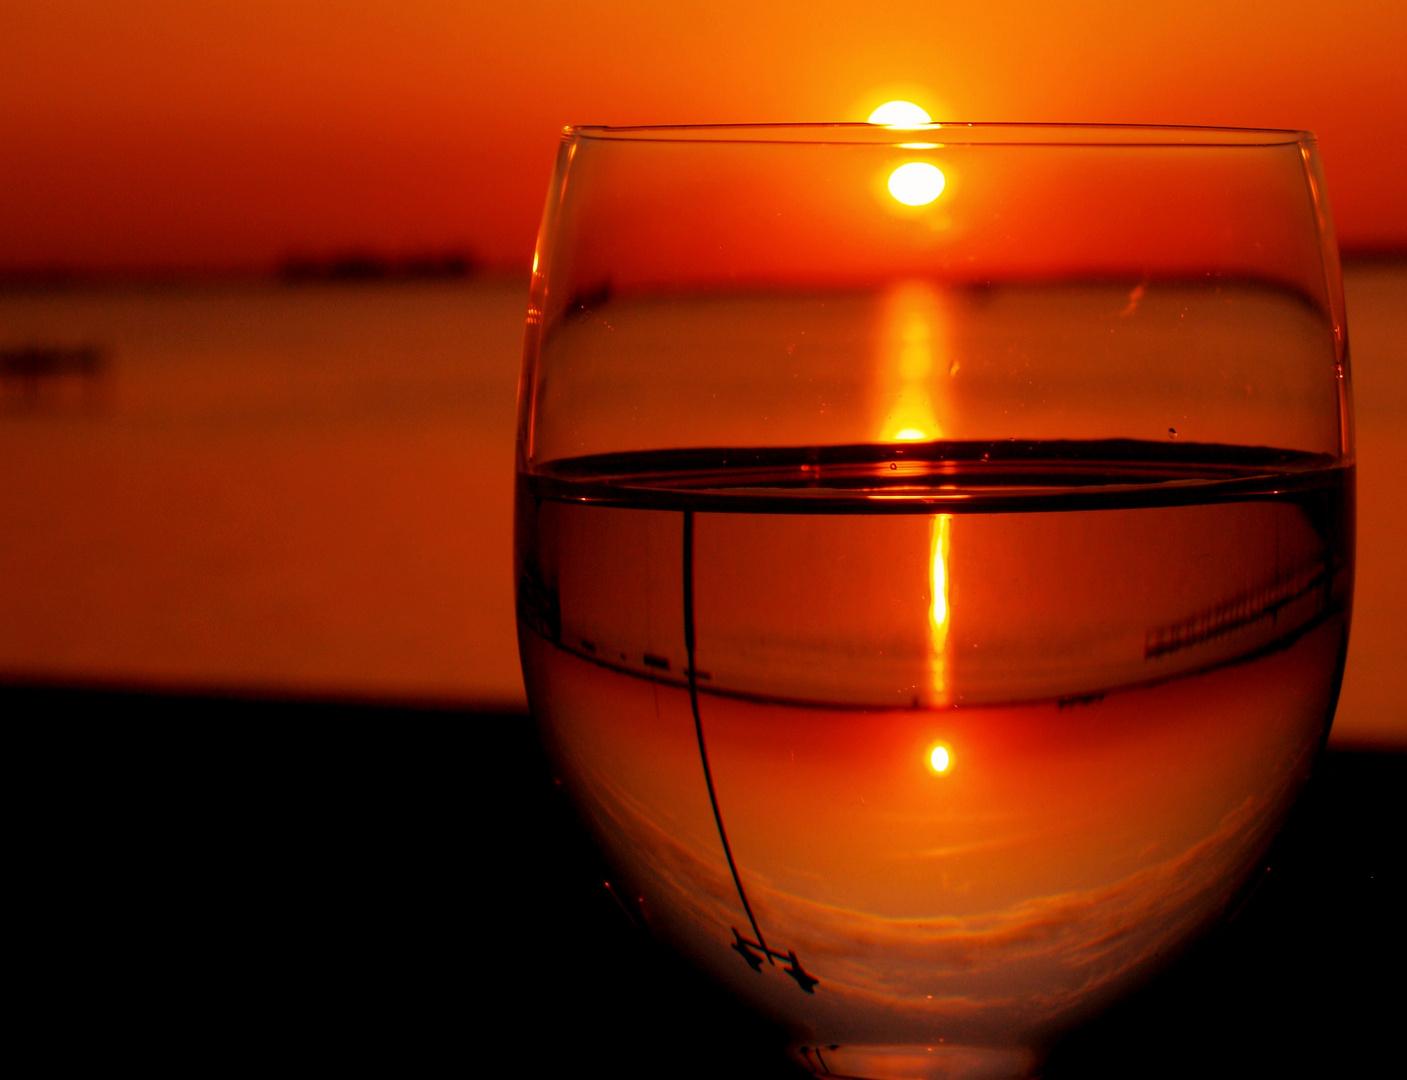 Sonnenuntergang am Steinhuder Meer...mal anders